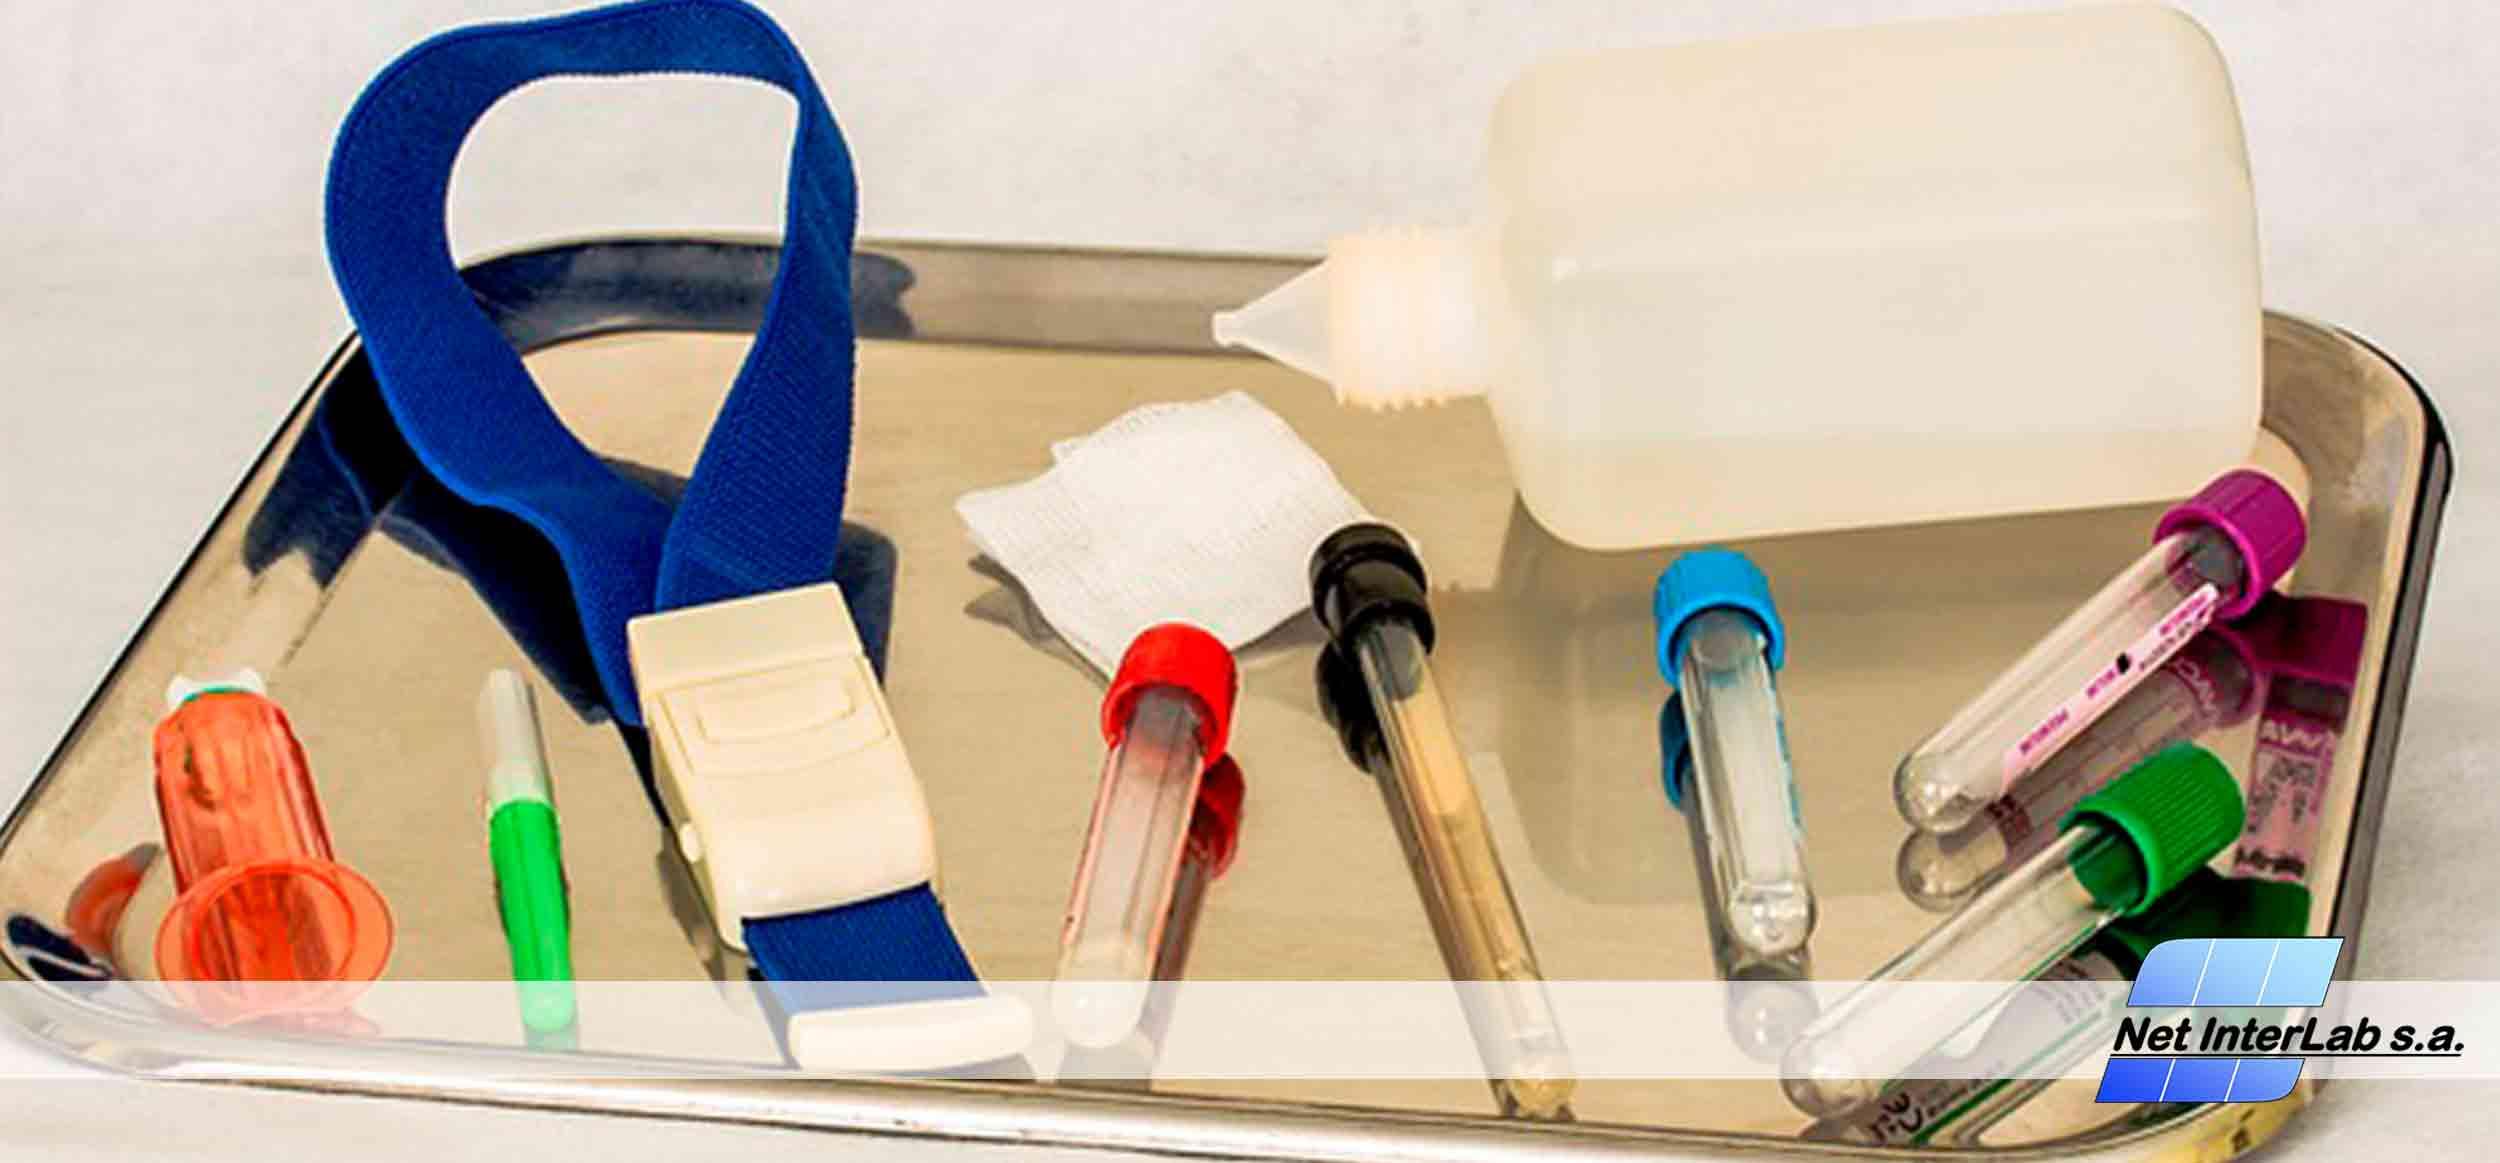 Clasificar instrumentos laboratorio químico Net Interlab